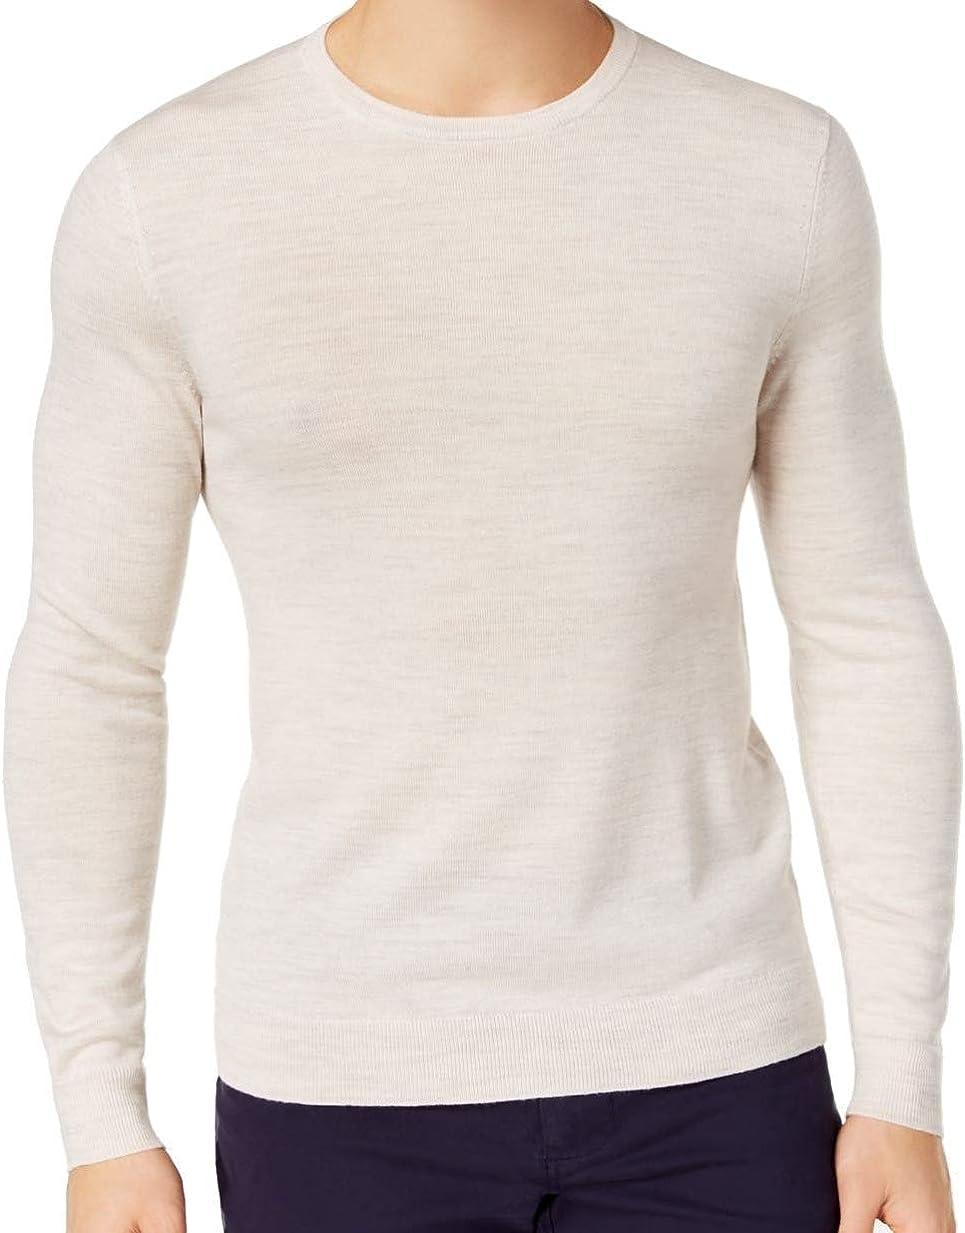 Tasso Finally popular brand Elba Mens Pullover New Free Shipping Ls Sweater